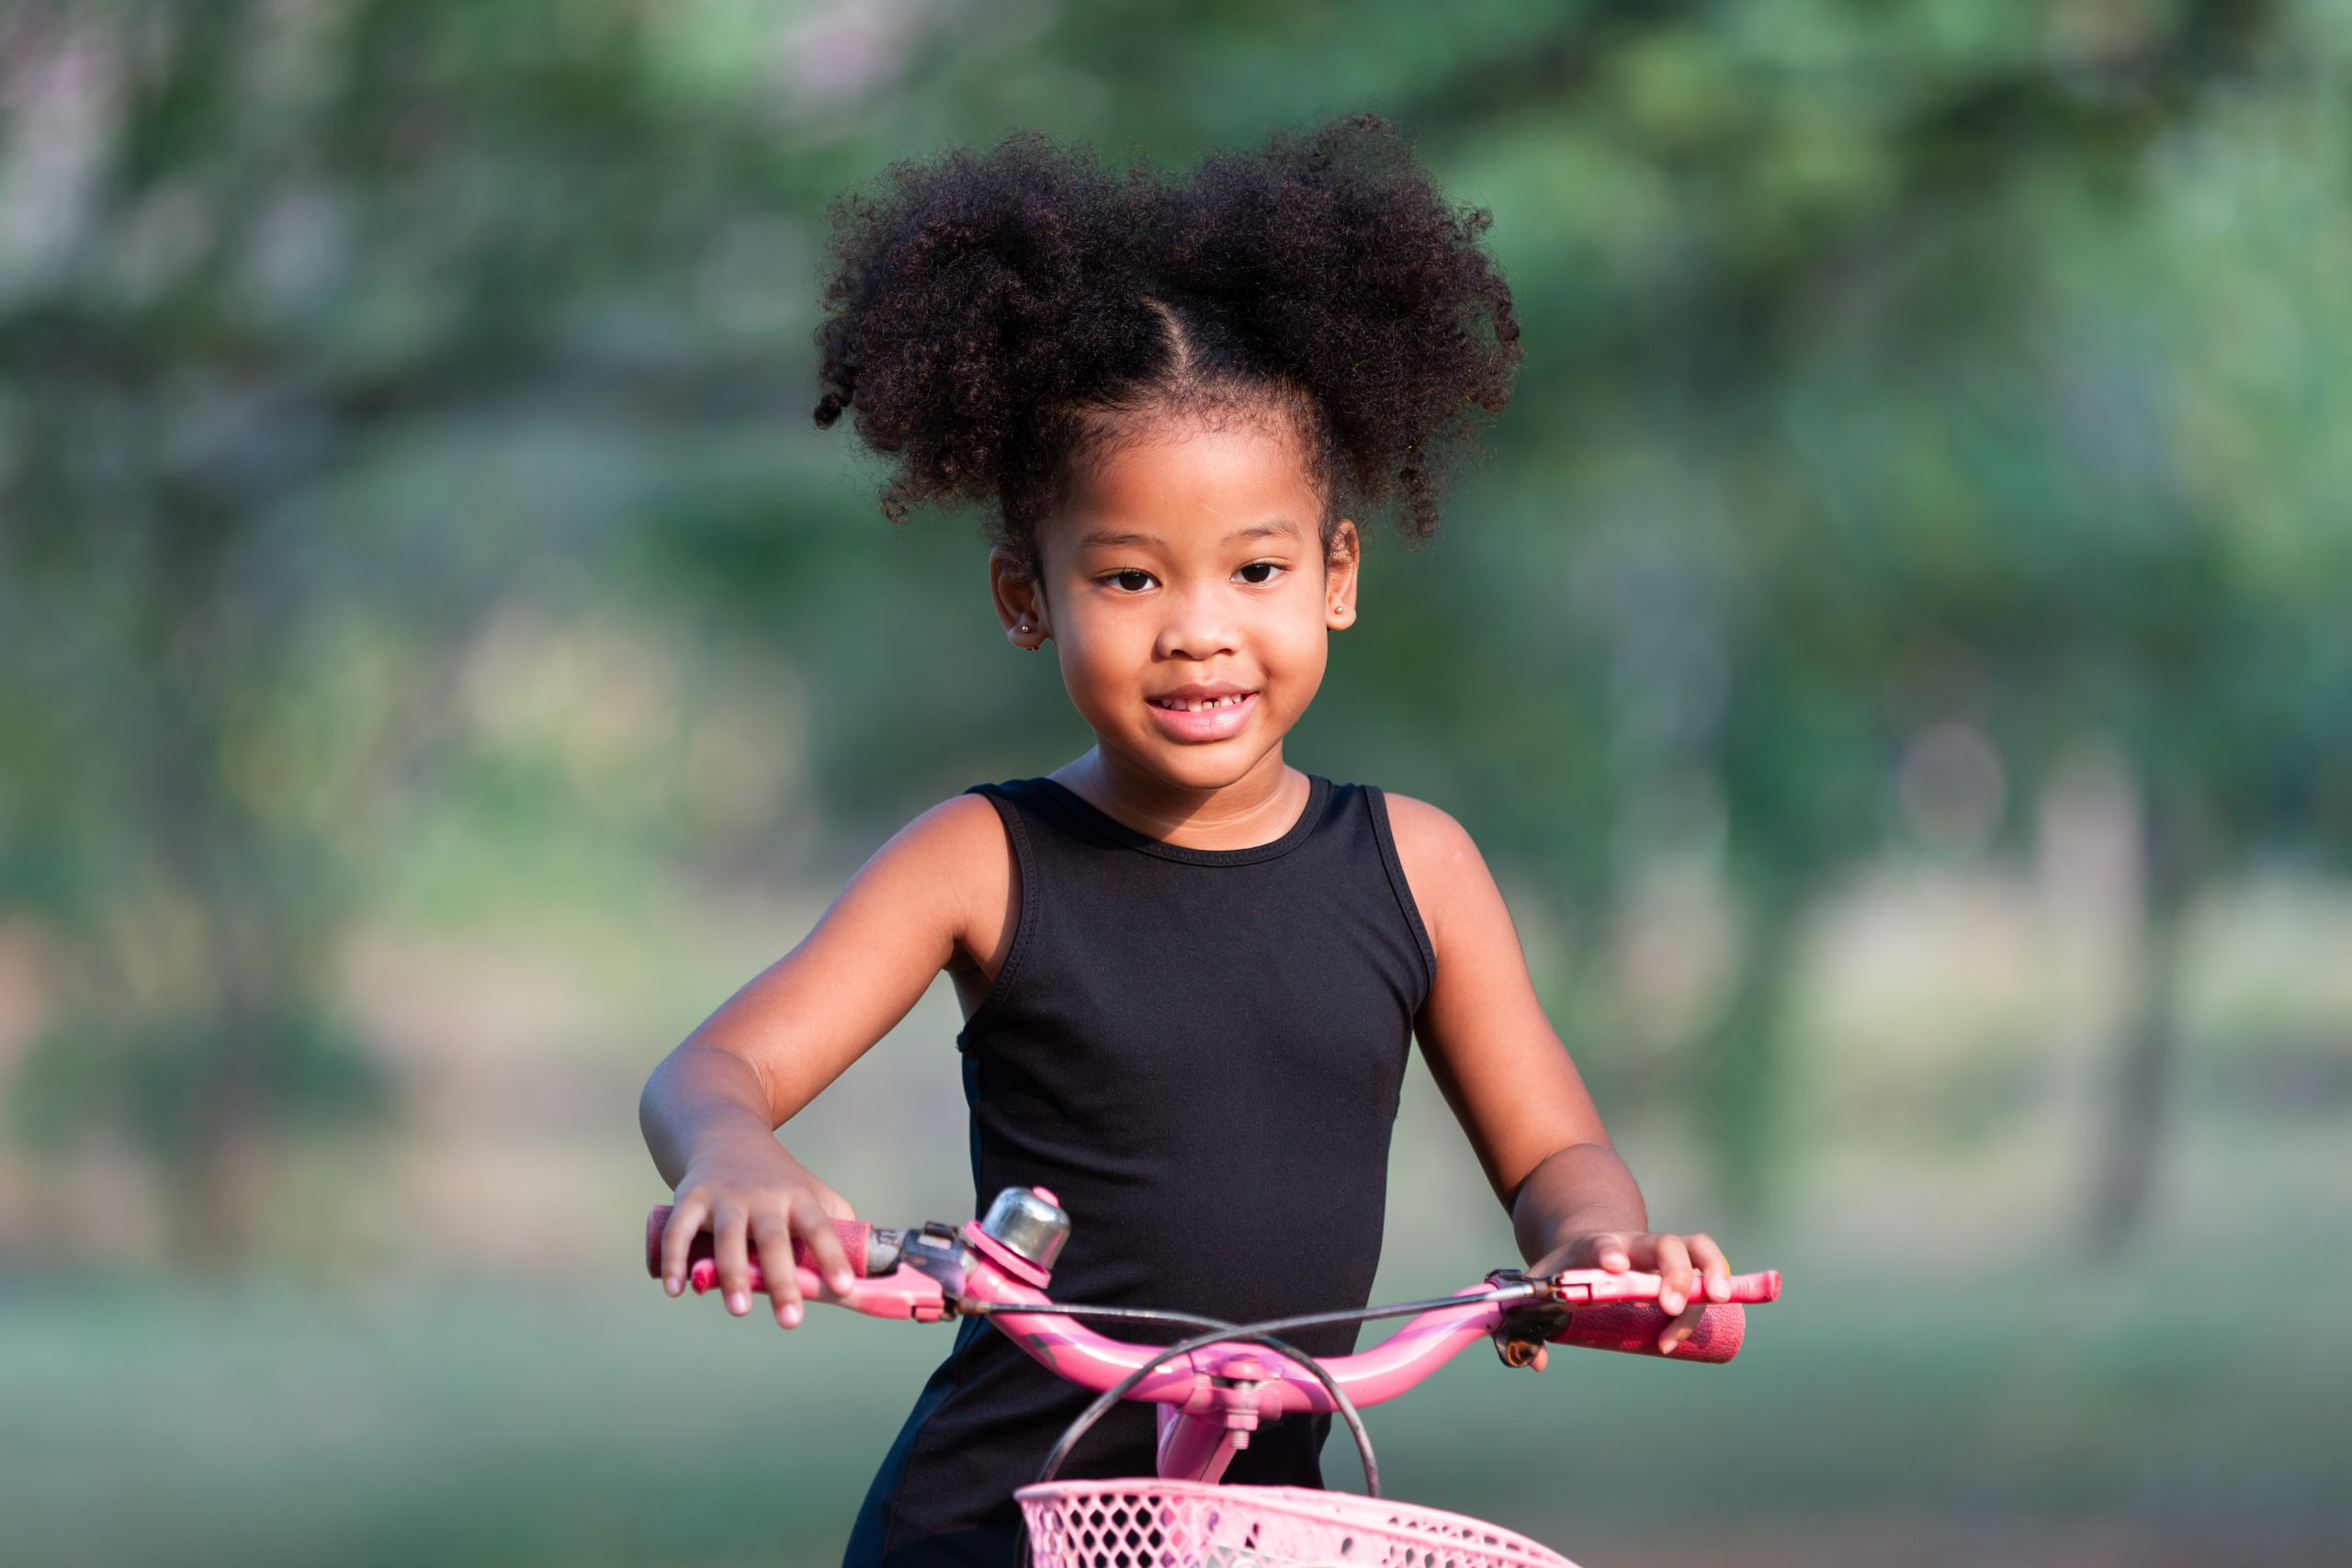 cabelo crespo infantil scaled - Chega de choro: como pentear o cabelo infantil sem sofrimento